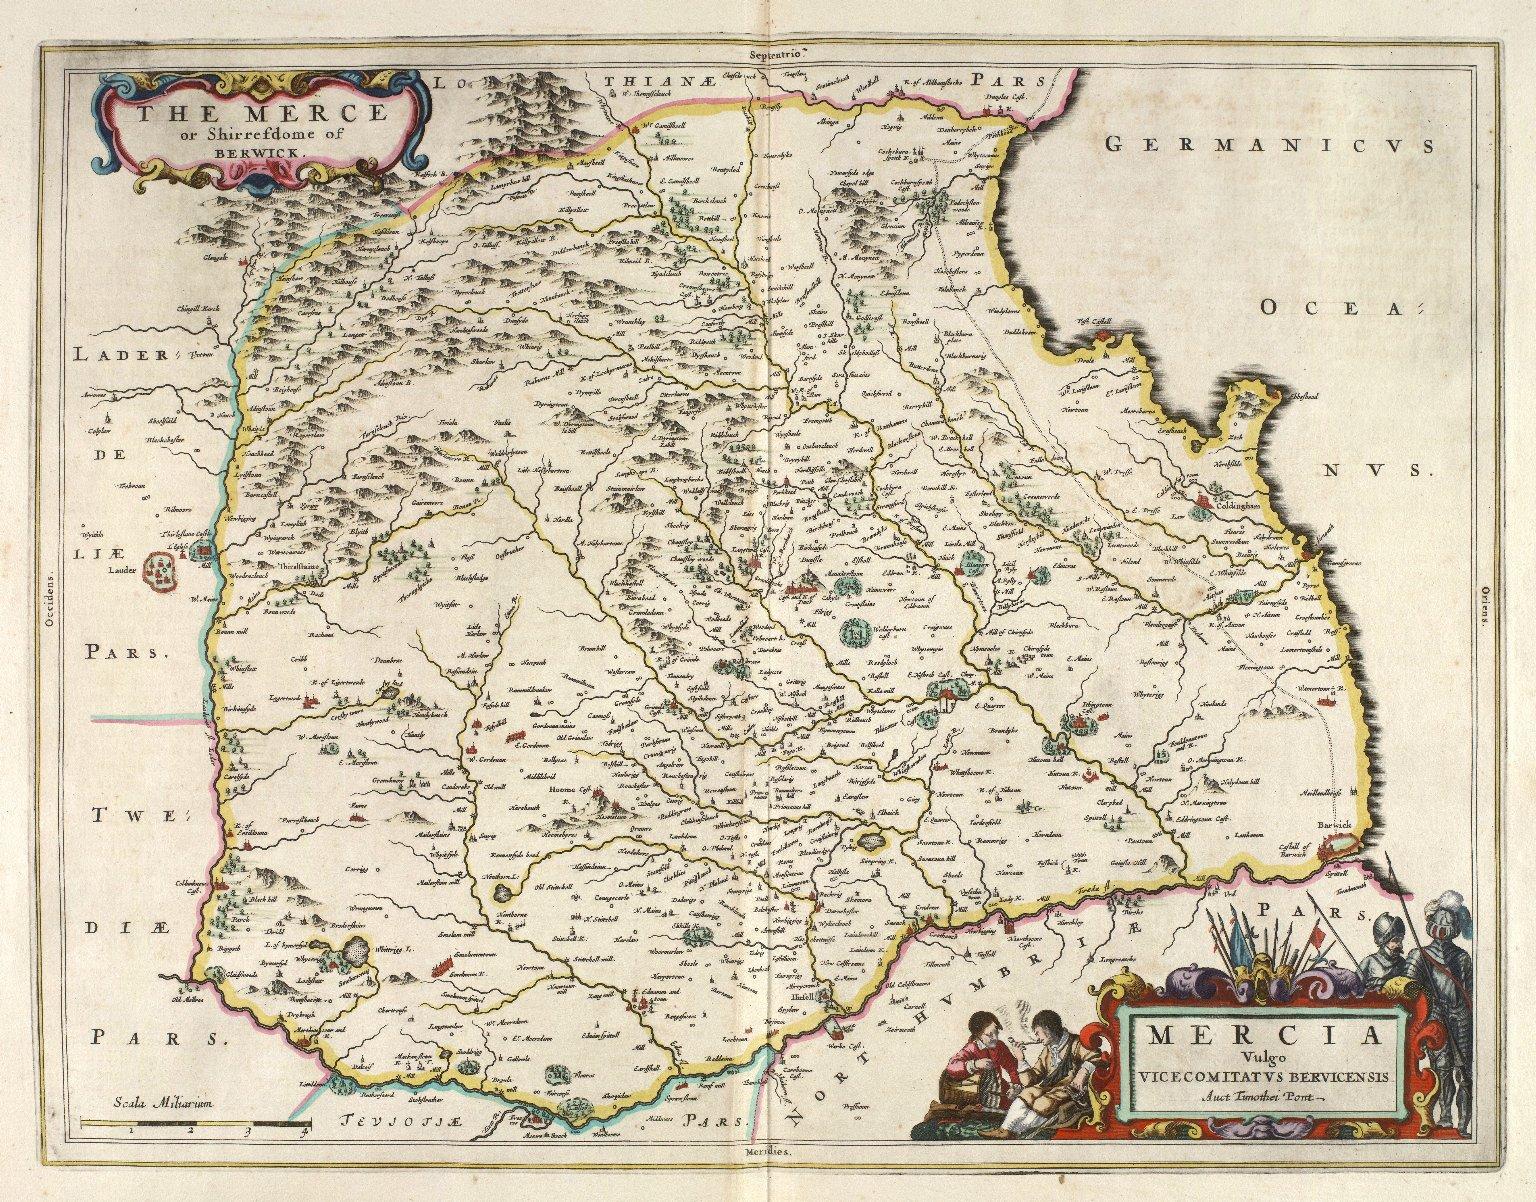 Mercia Vulgo Vicecomitatus Bervicensis [1 of 1]